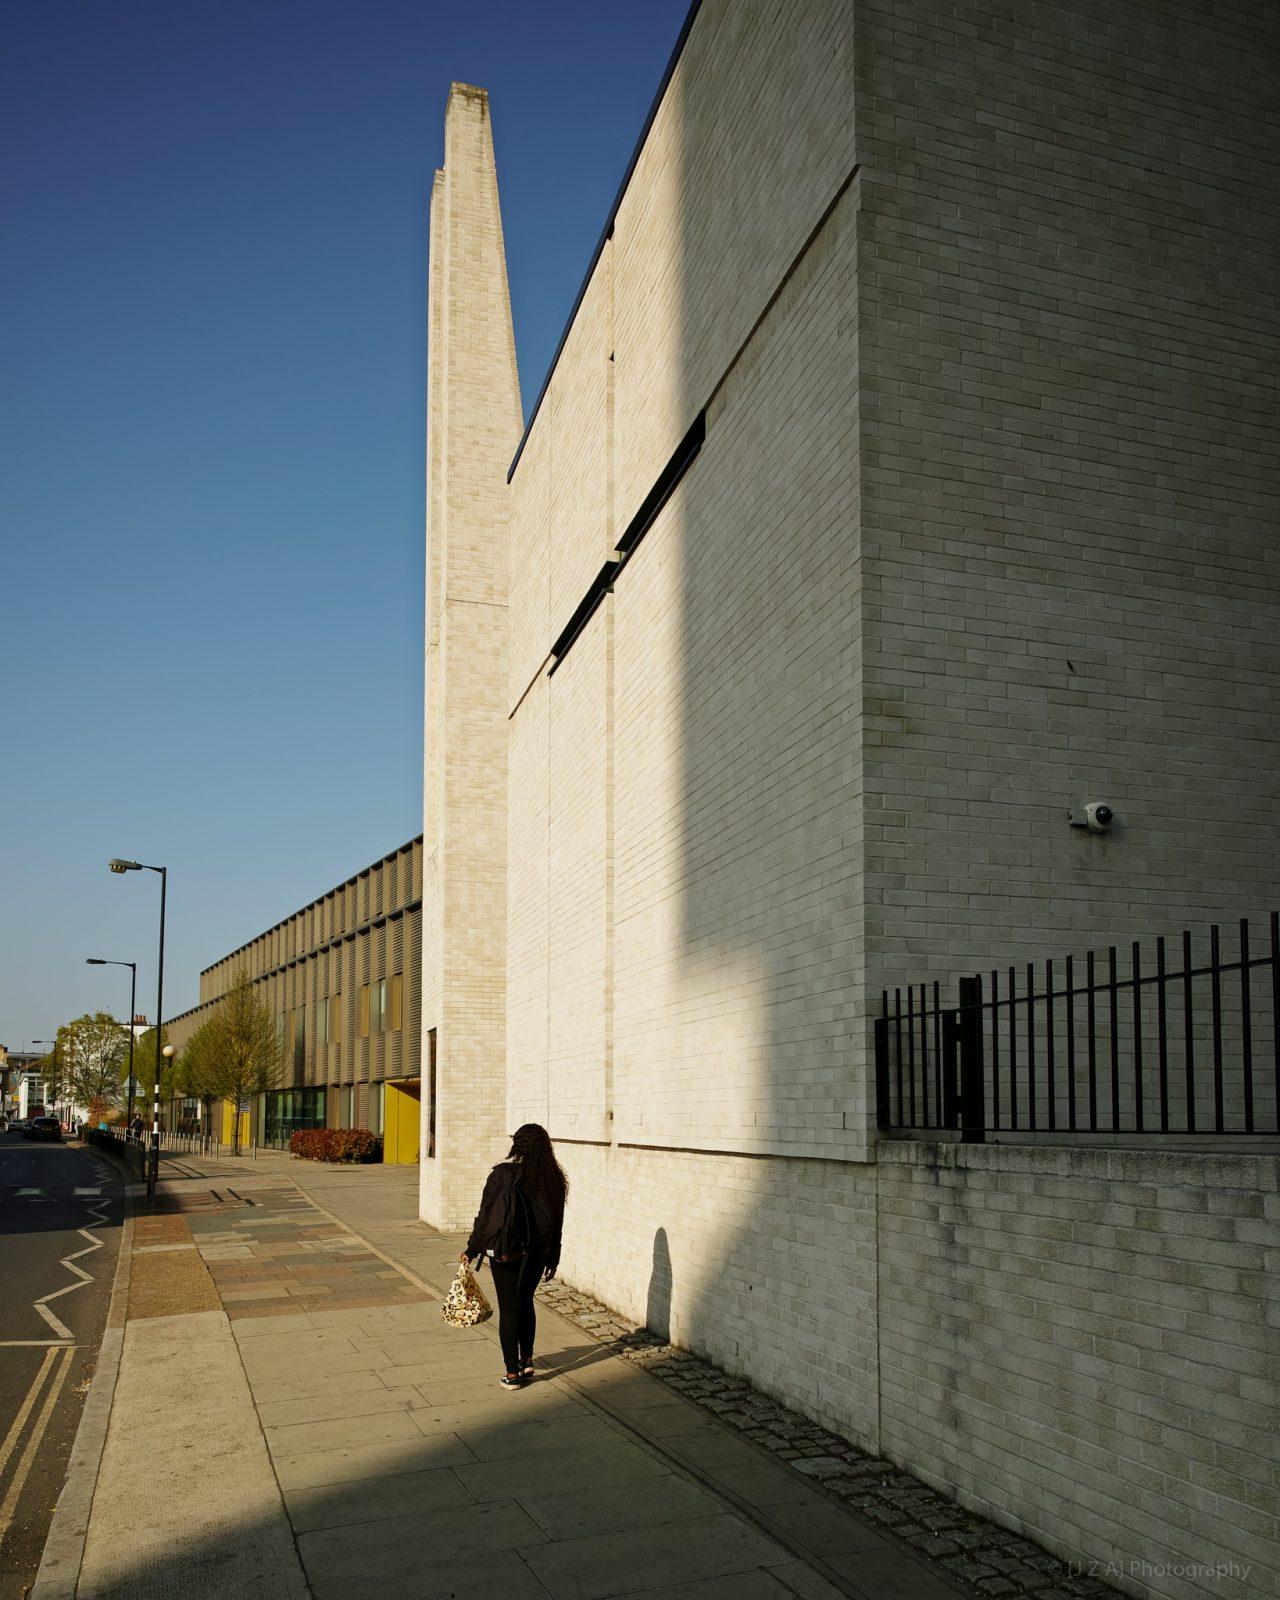 Parish Church of Camberwell